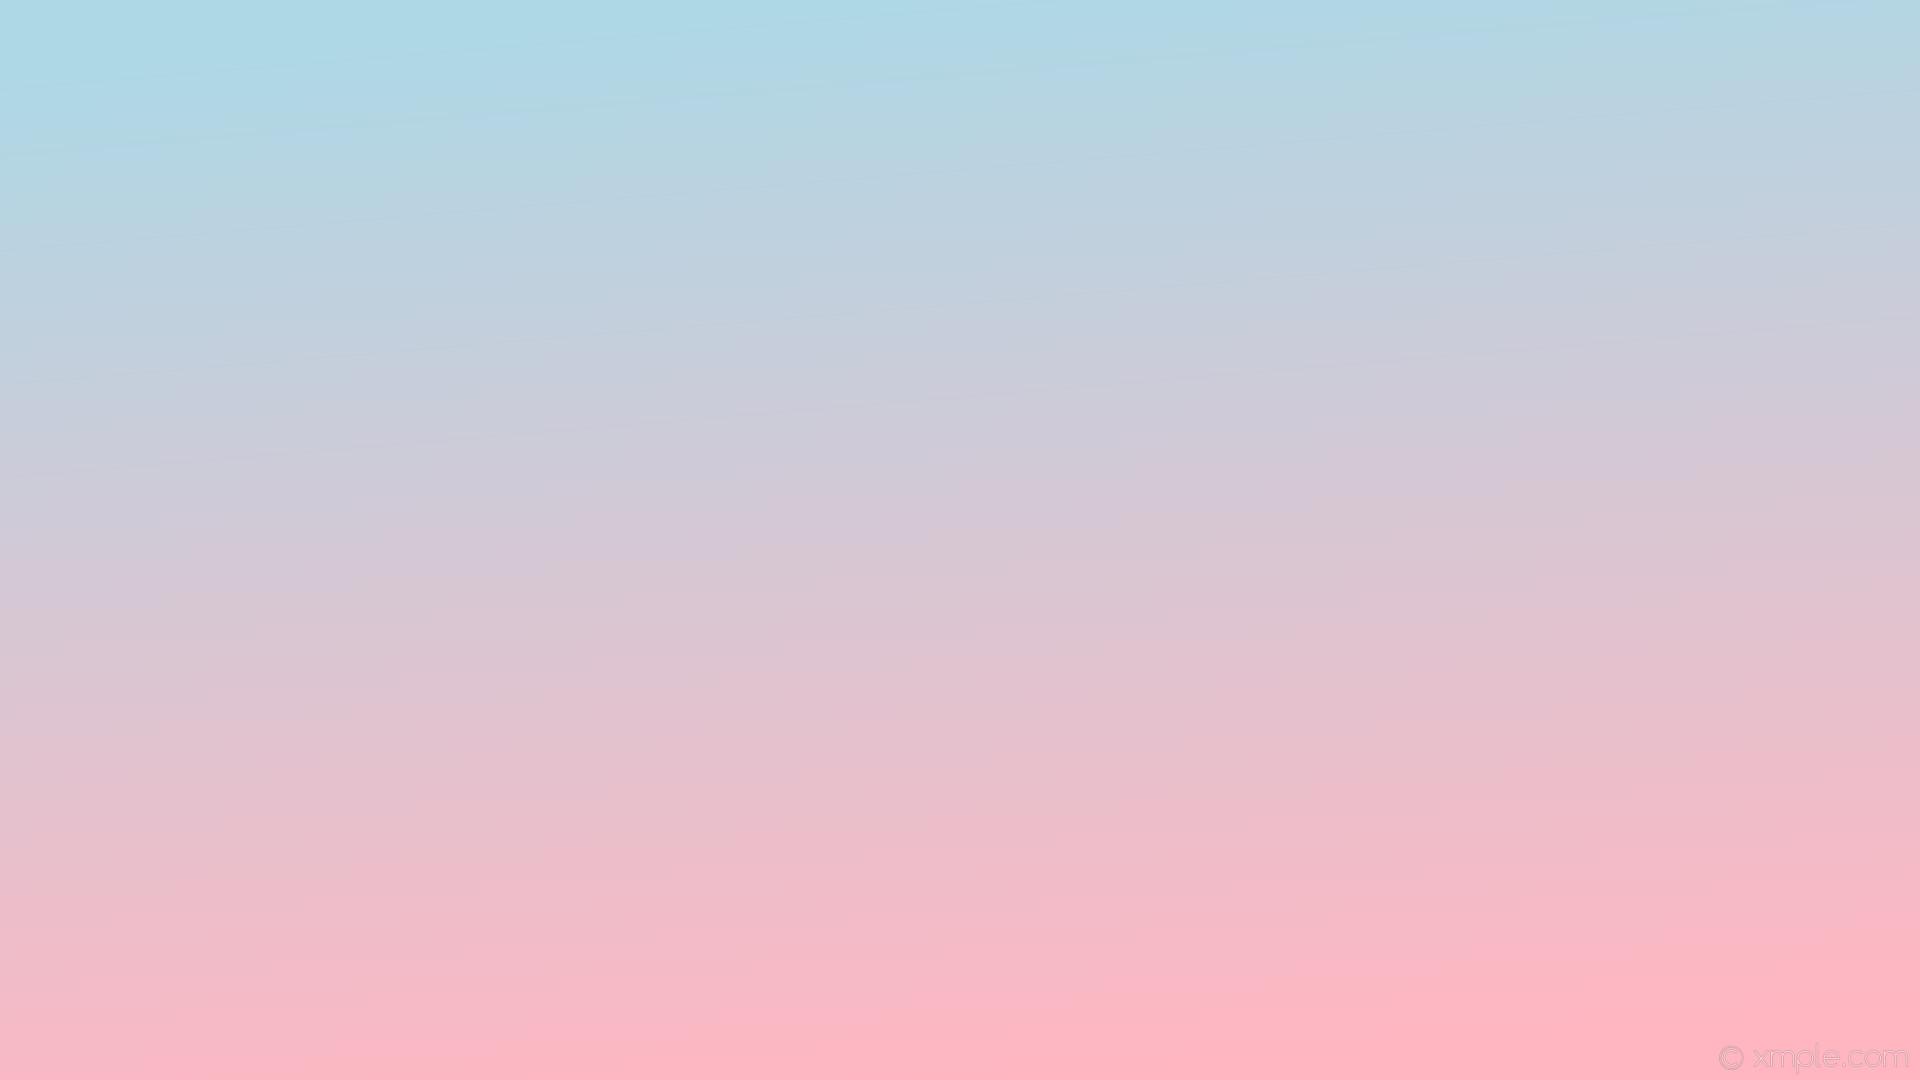 wallpaper blue pink gradient linear light pink light blue #ffb6c1 #add8e6  285°